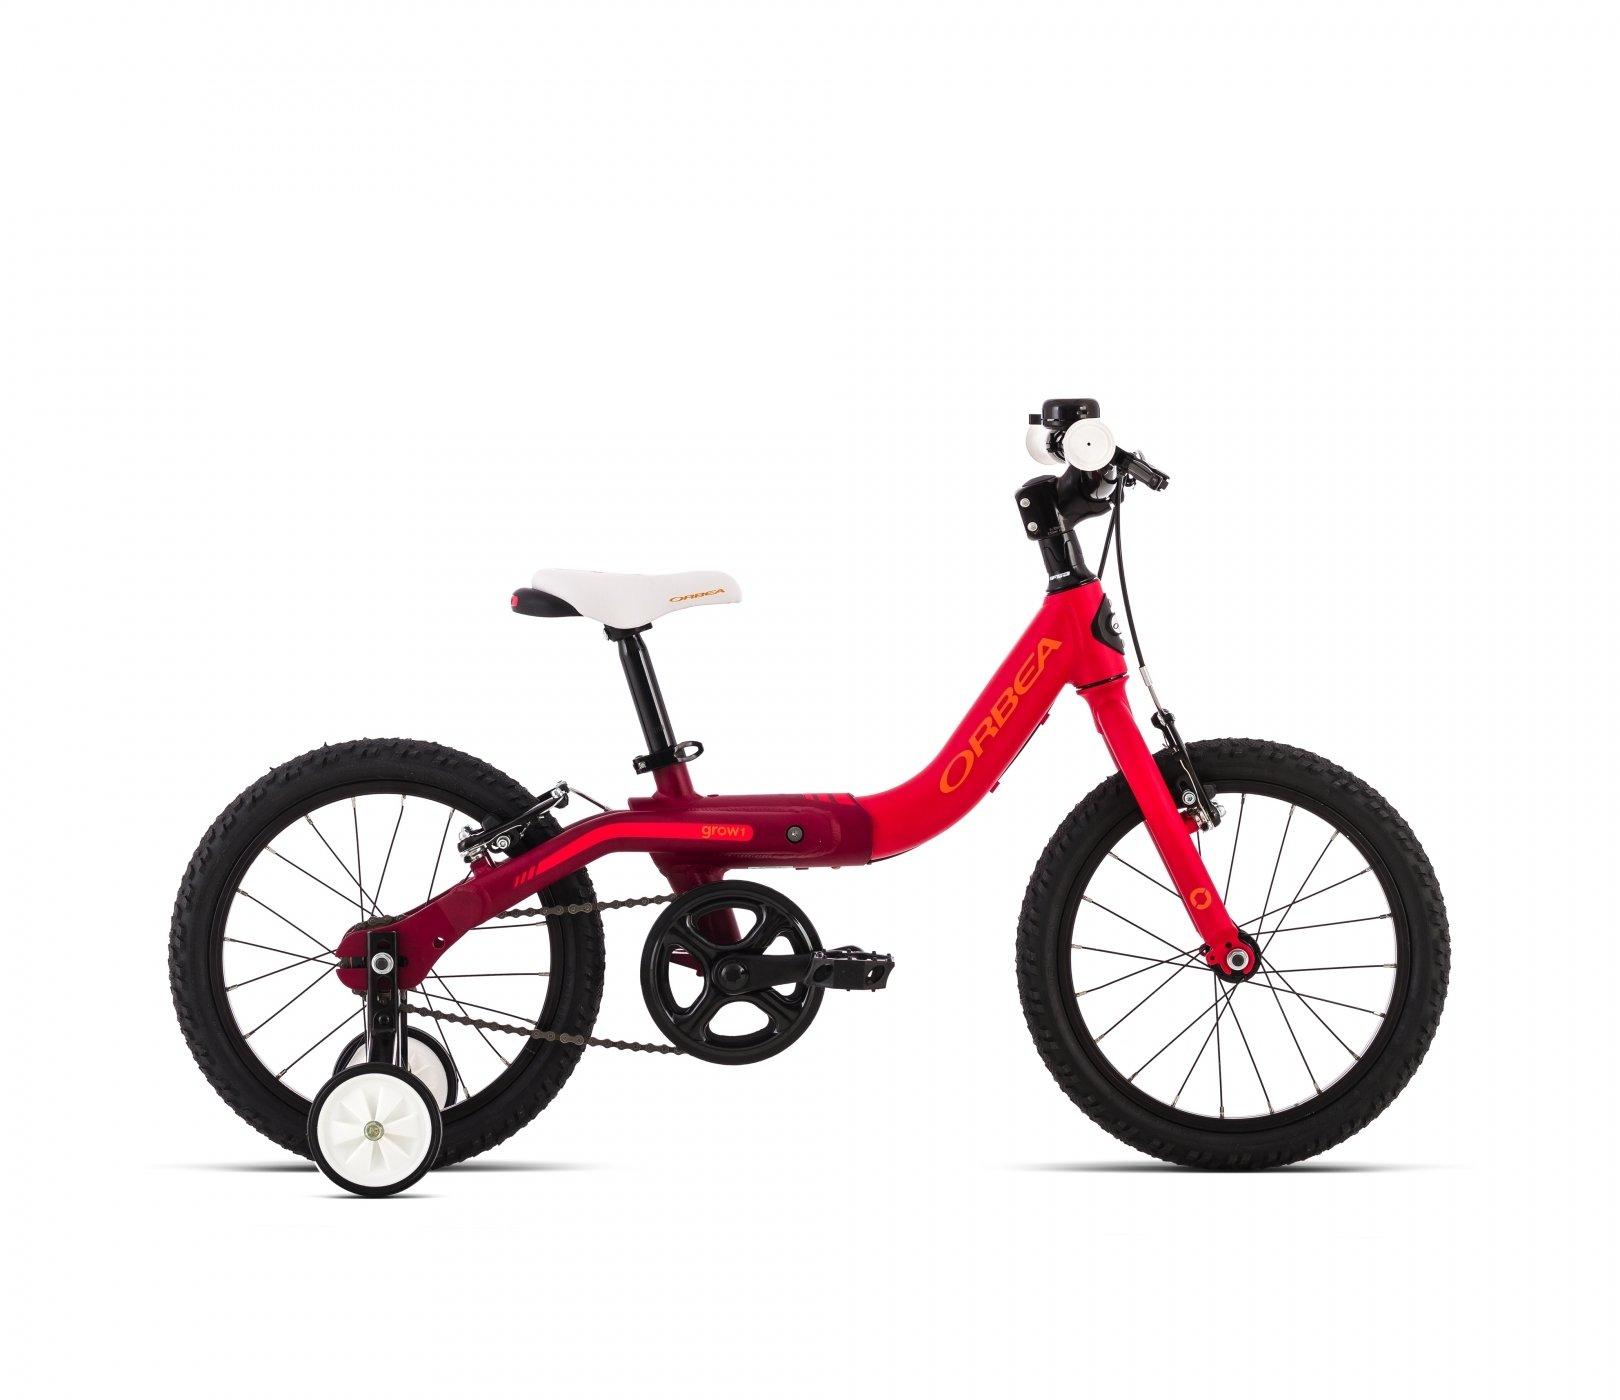 Bicicleta Infantil Orbea Grow 1 Roja: Amazon.es: Deportes y aire libre